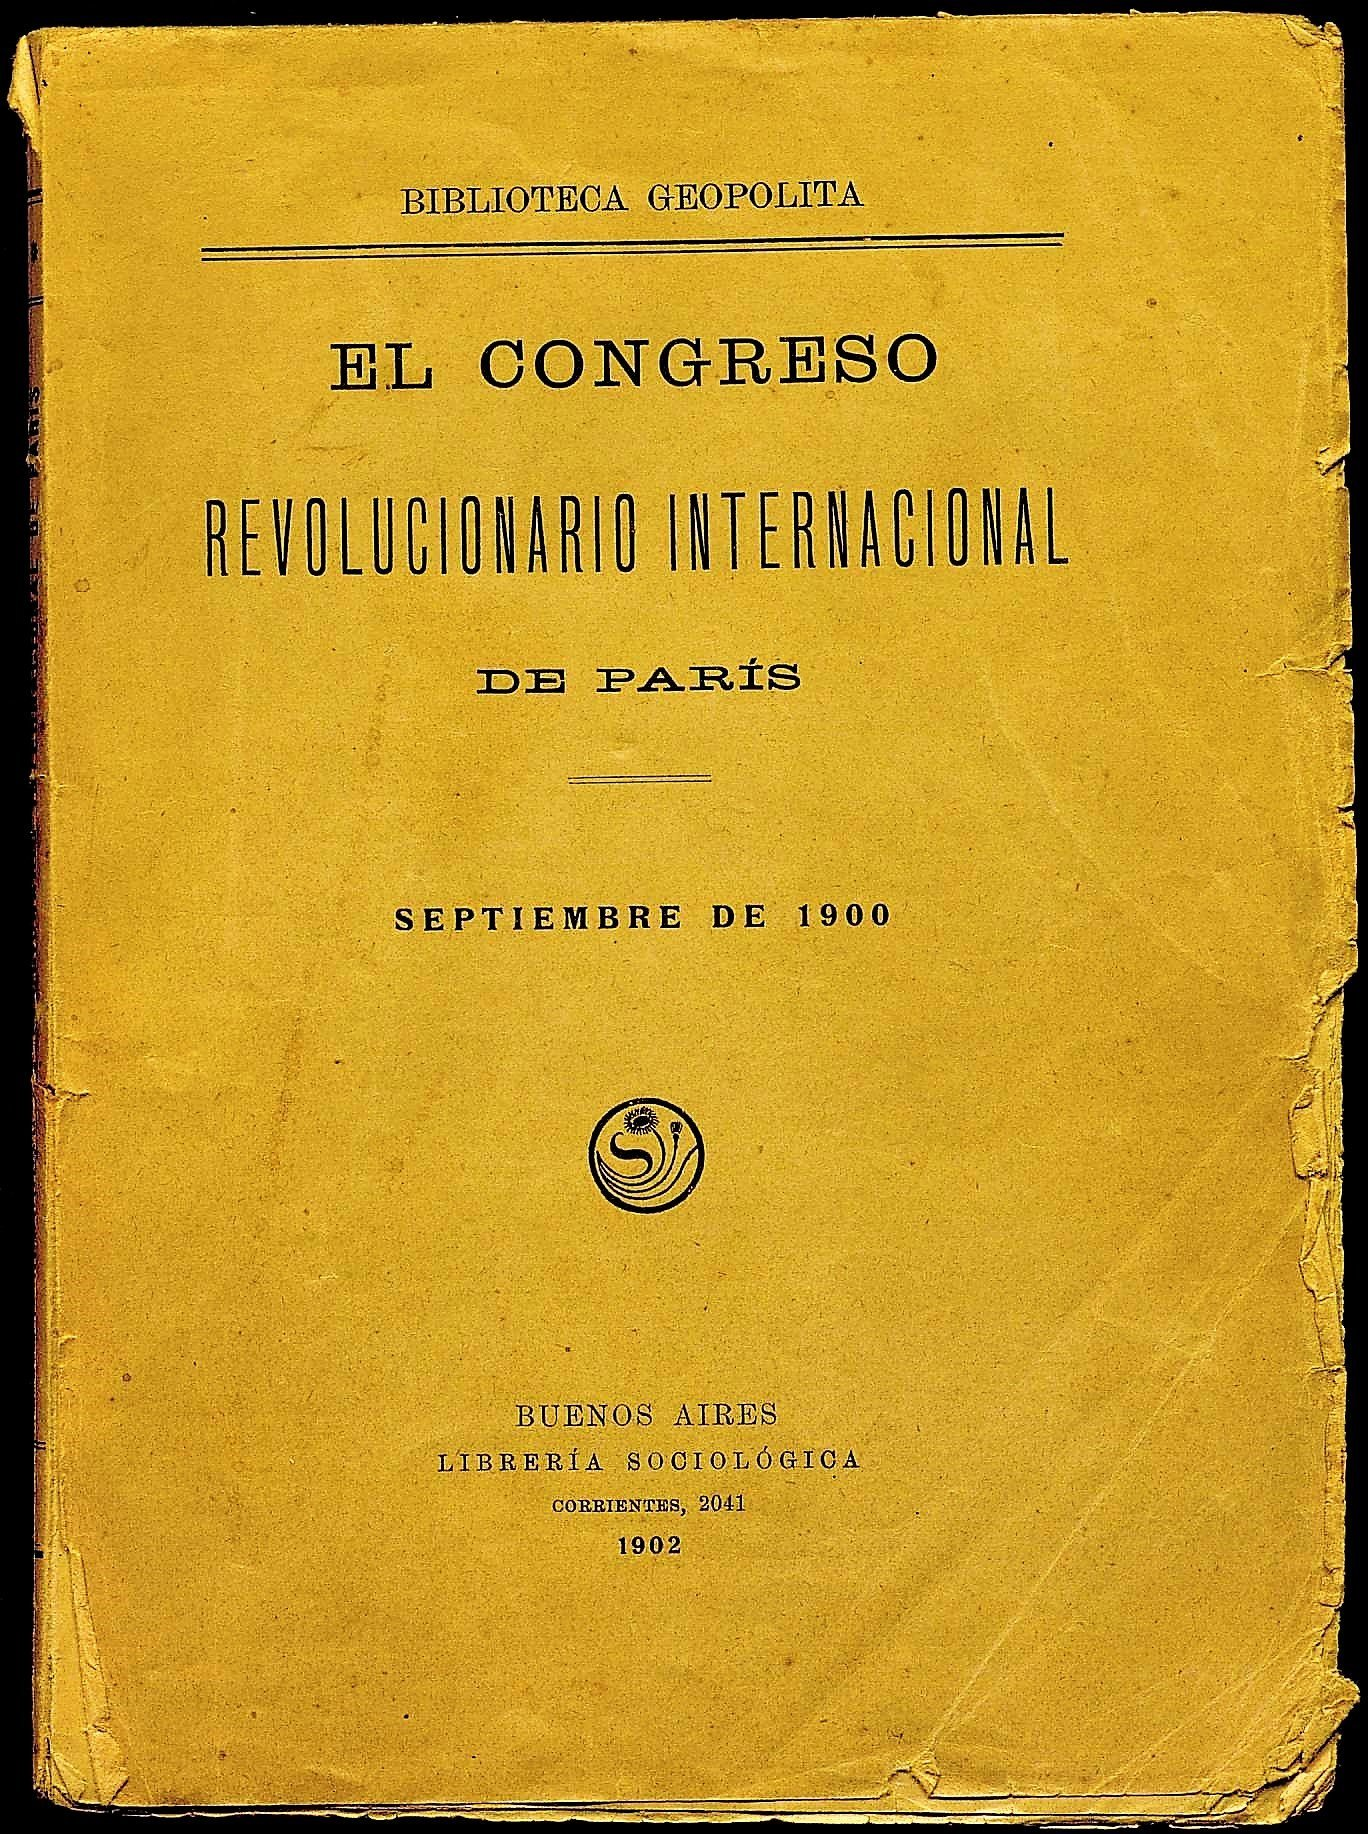 Congreso revolucionario internacional de París. Septiembre 1900